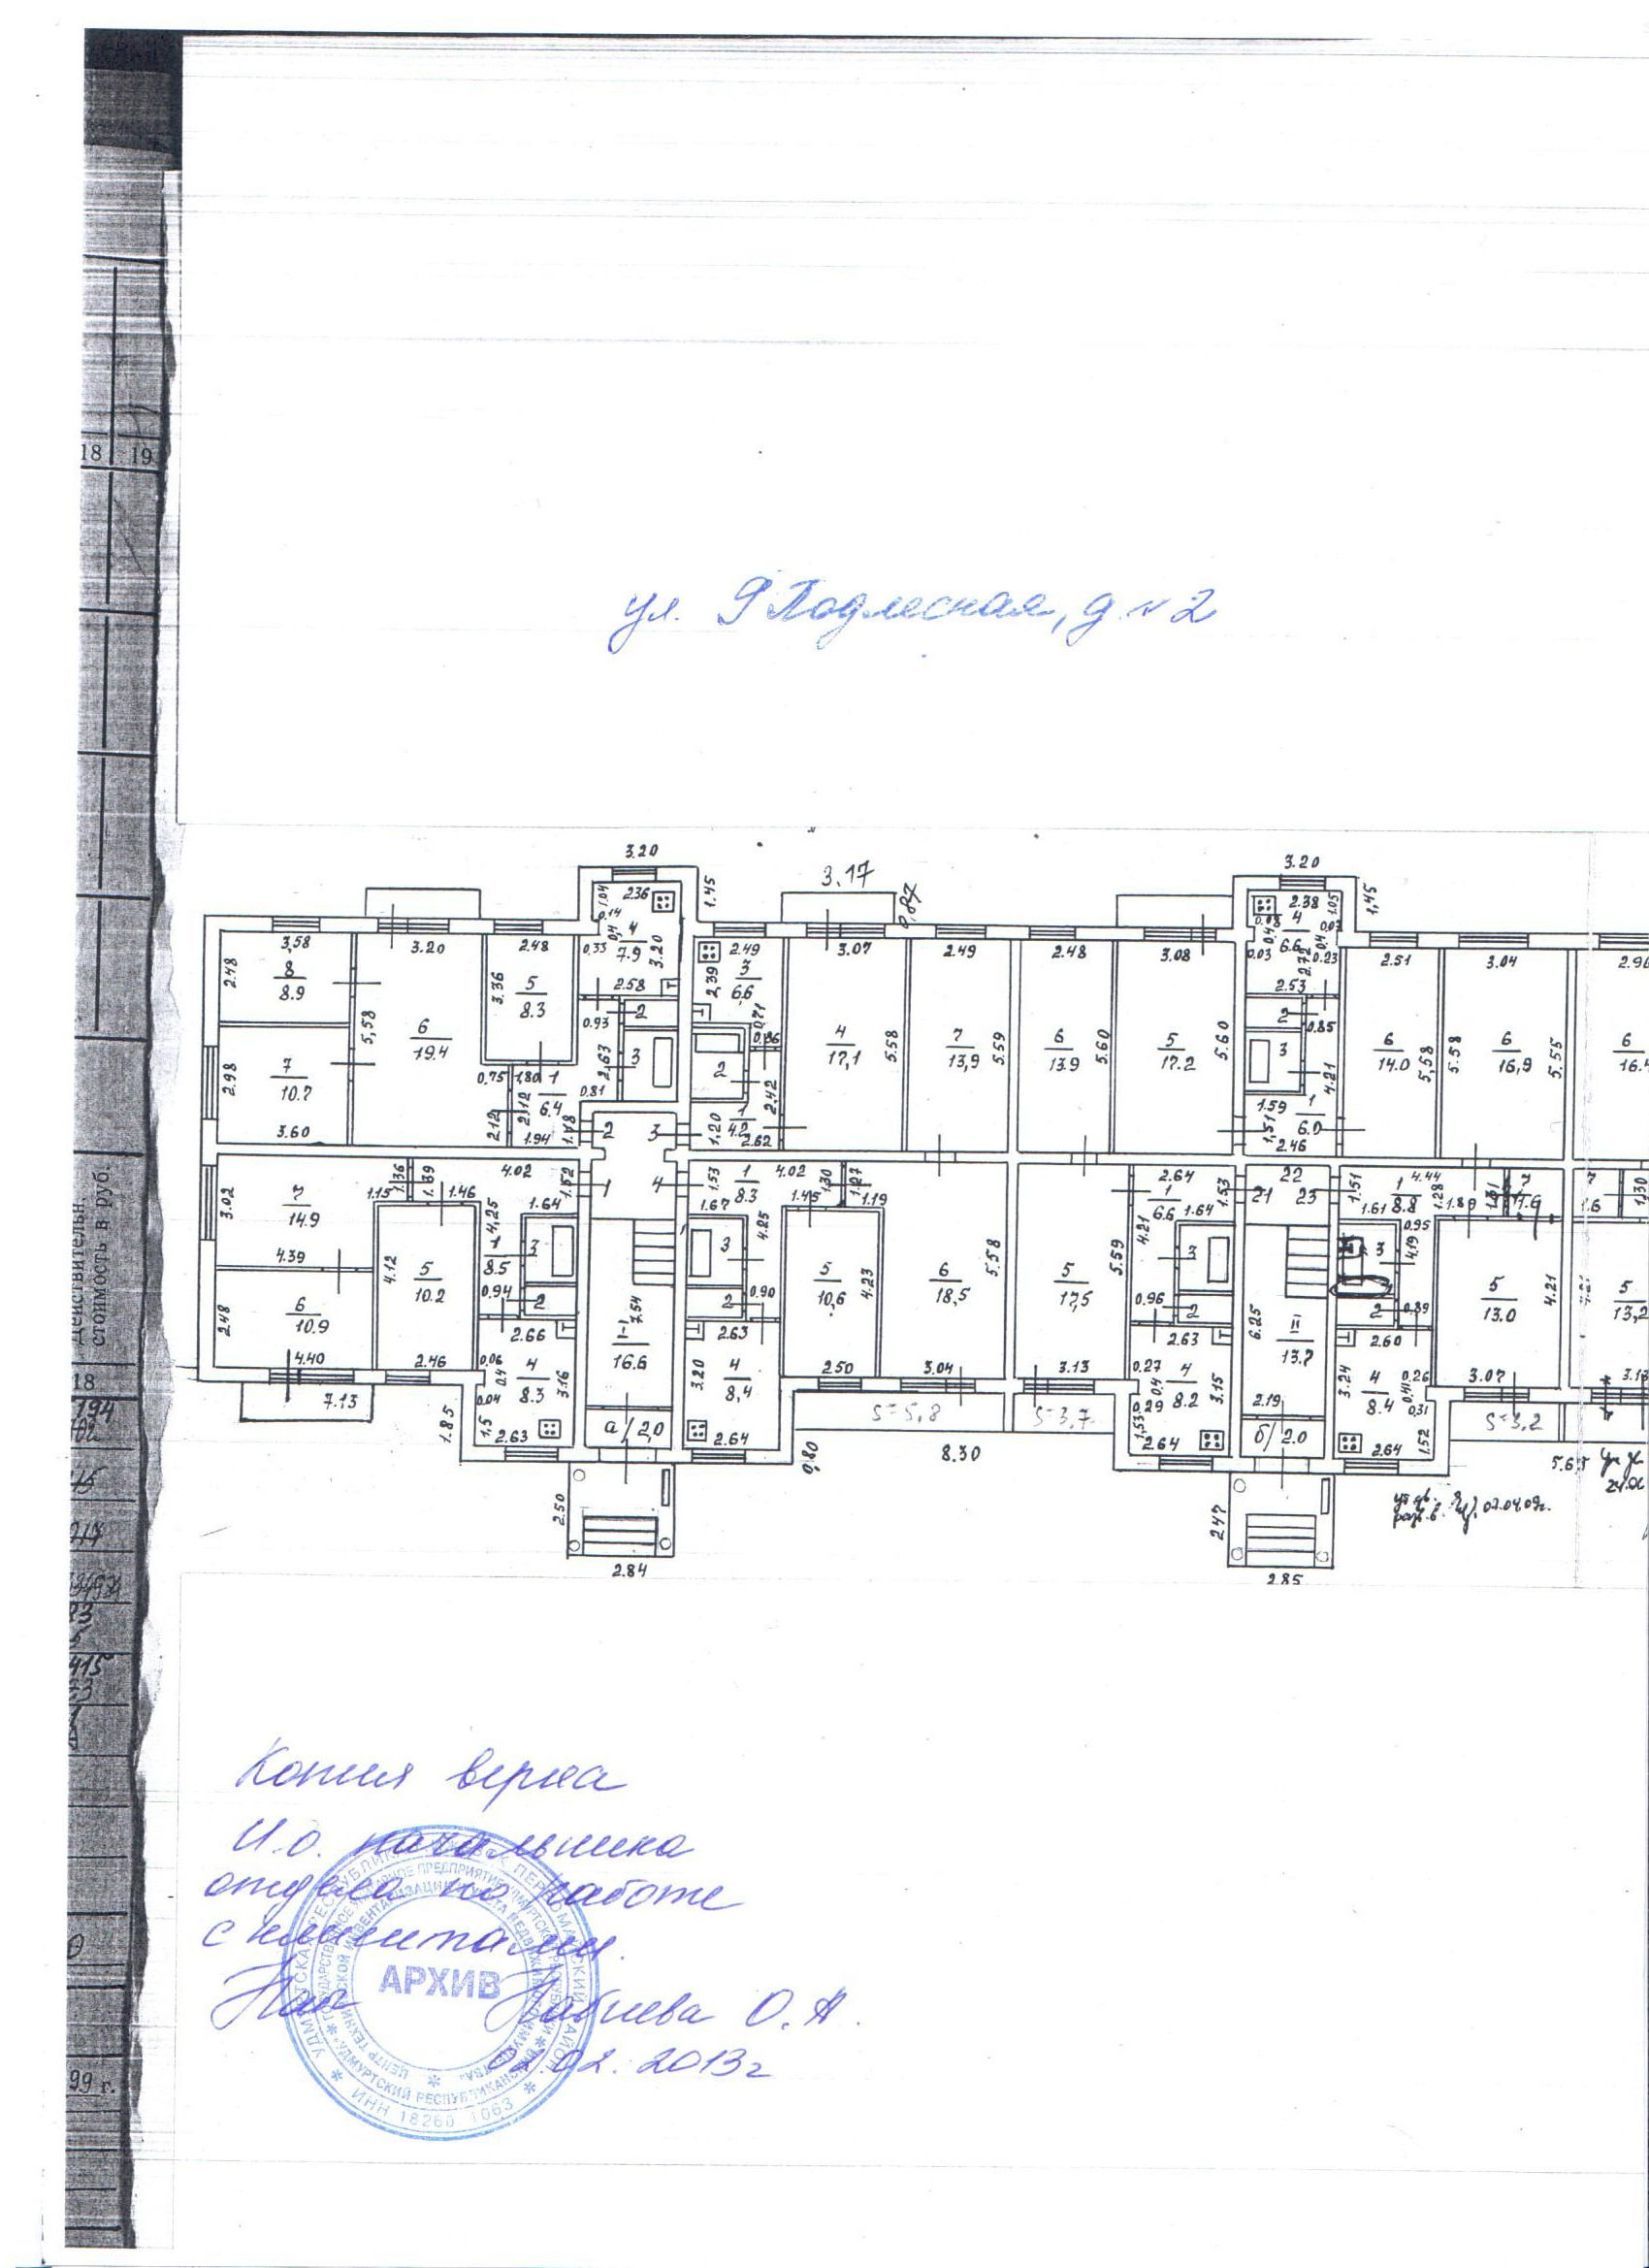 Дома 1-439А с лоджиями + планировки квартир